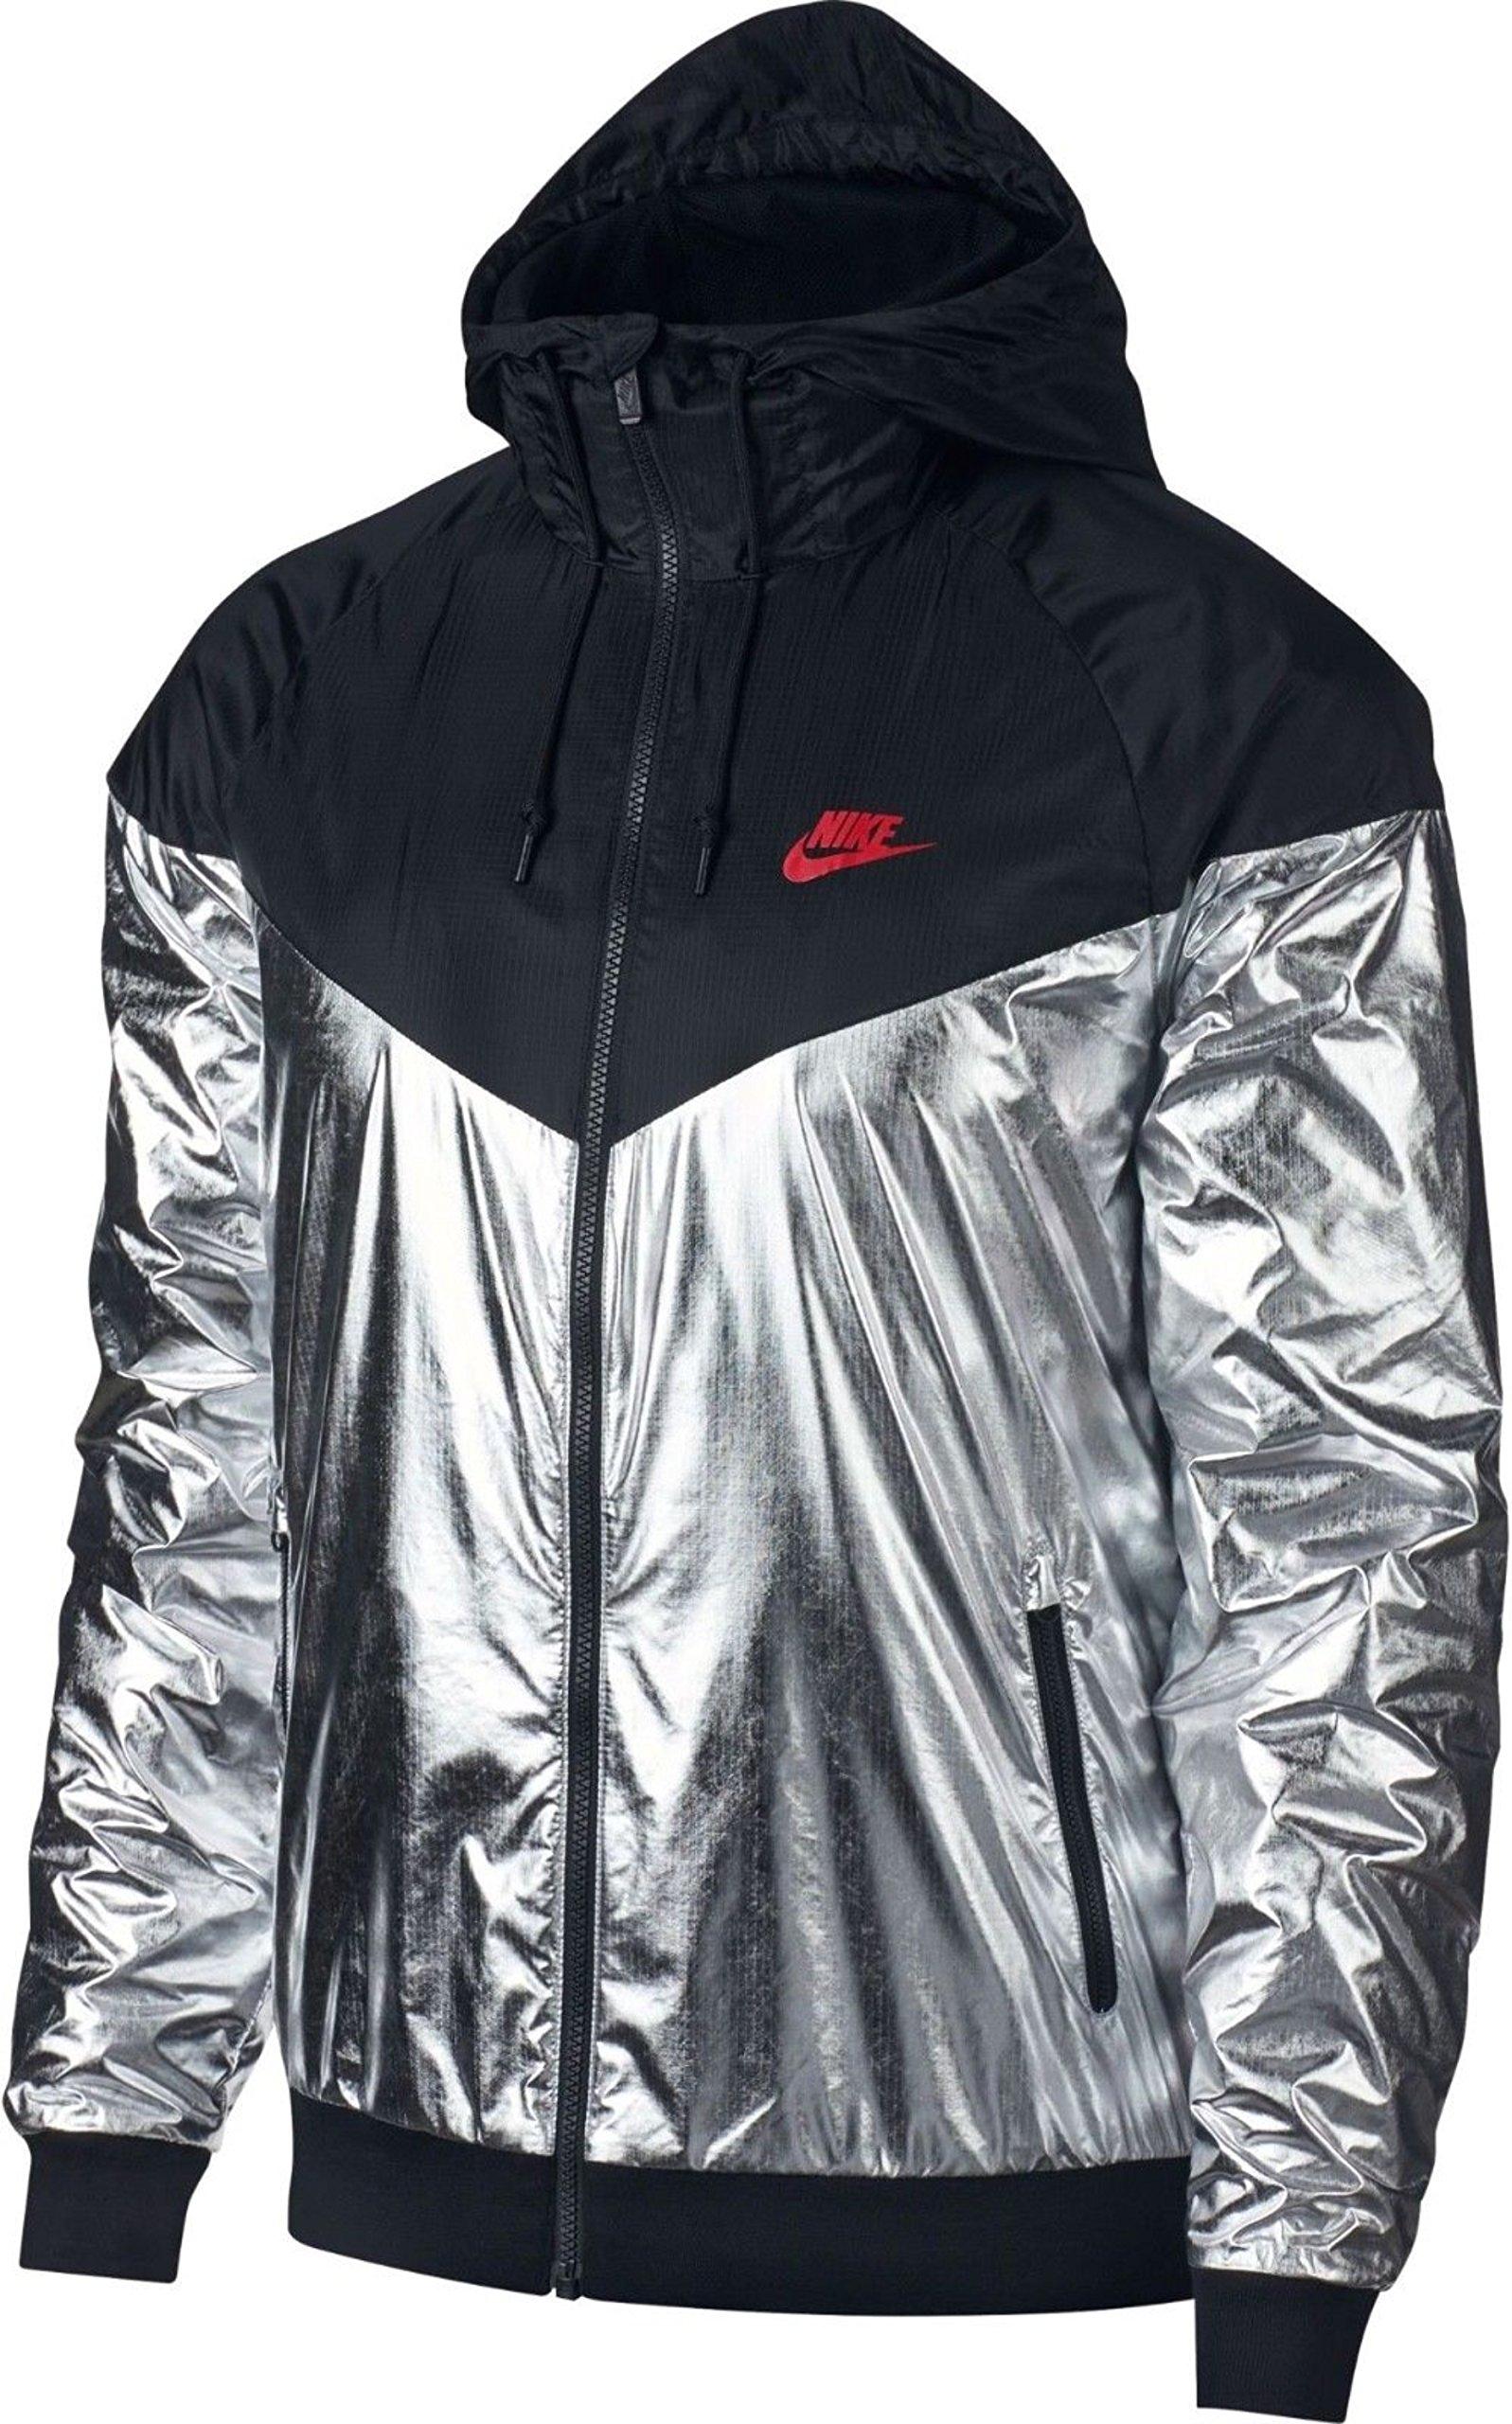 Nike Sportswear Windrunner Men's Metallic Jacket Hoodie Size 2XL by Nike